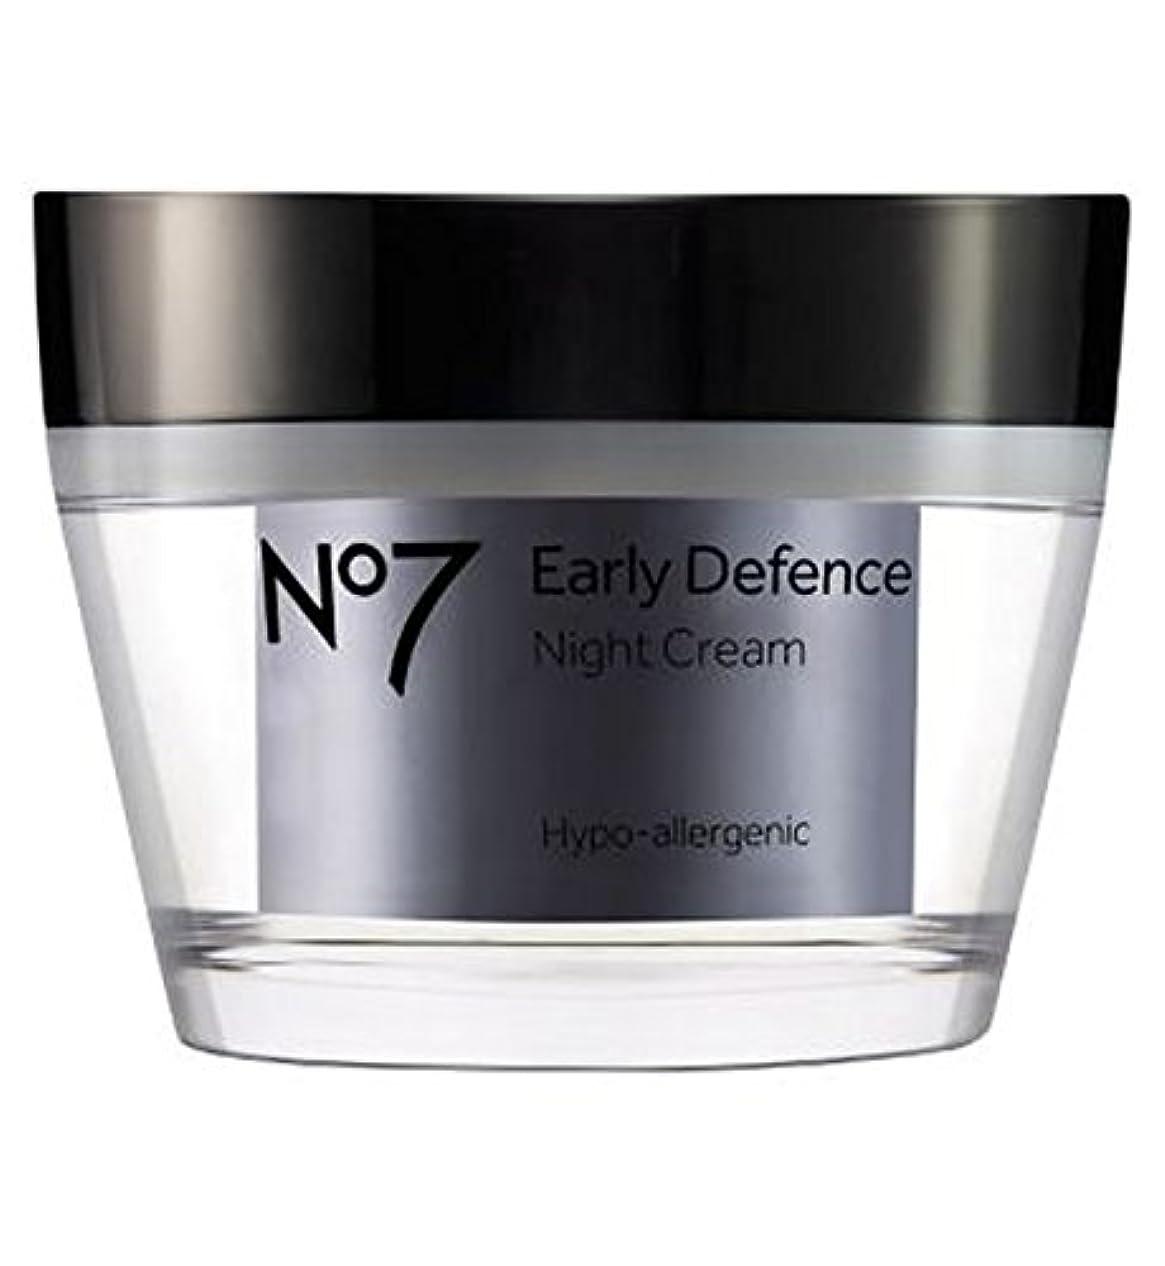 あえぎトリムシャットNo7 Early Defence Night Cream - No7早期防衛ナイトクリーム (No7) [並行輸入品]